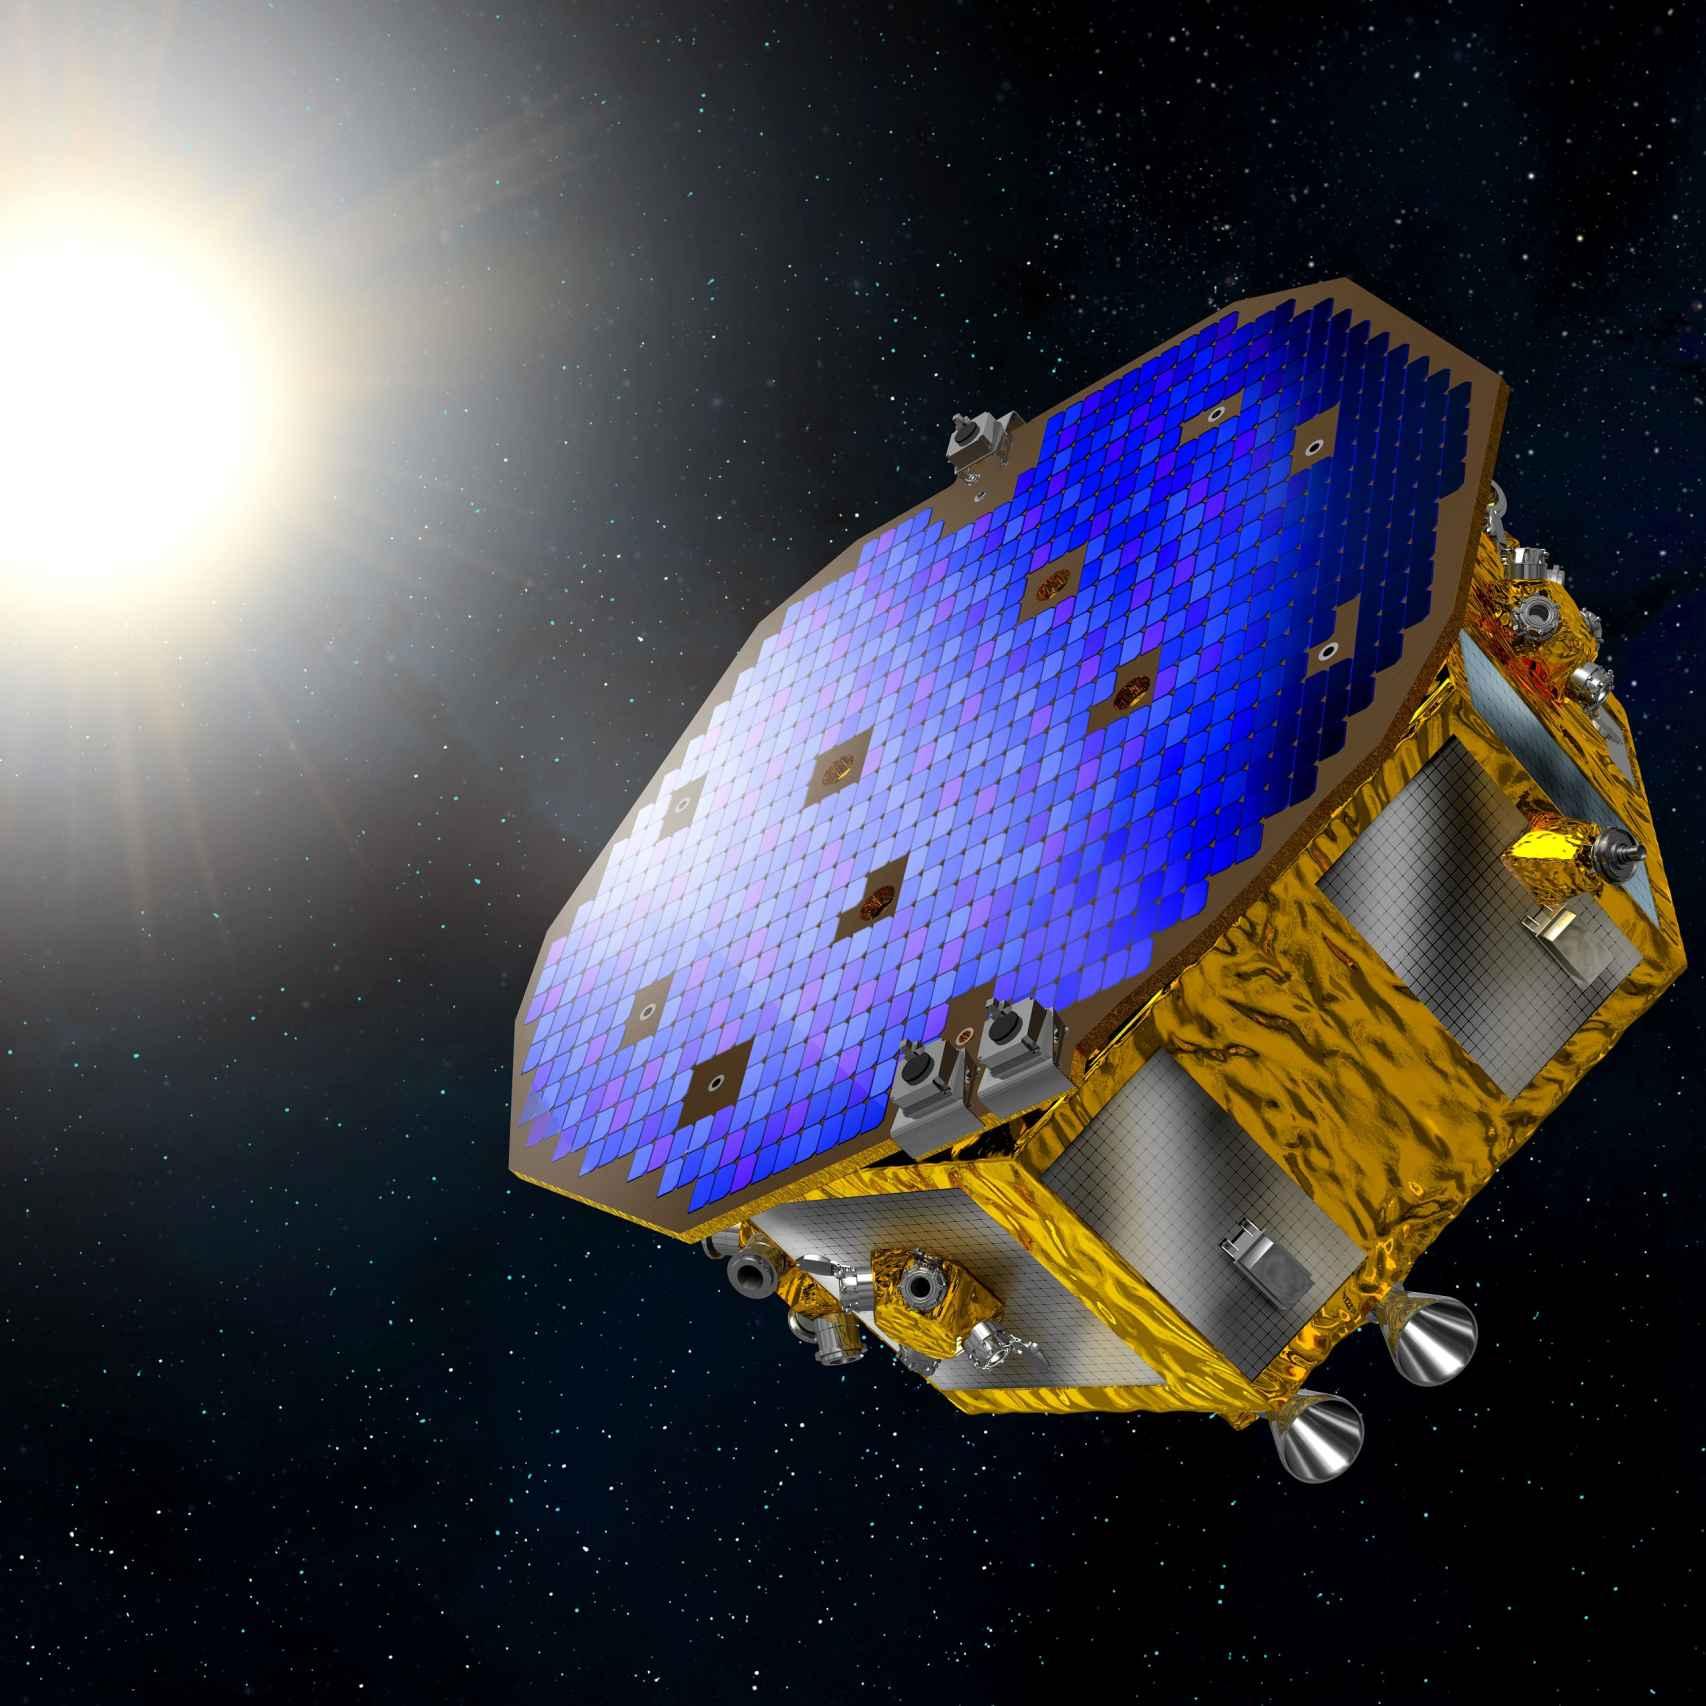 Ilustración de la sonda LISA Pathfinder.